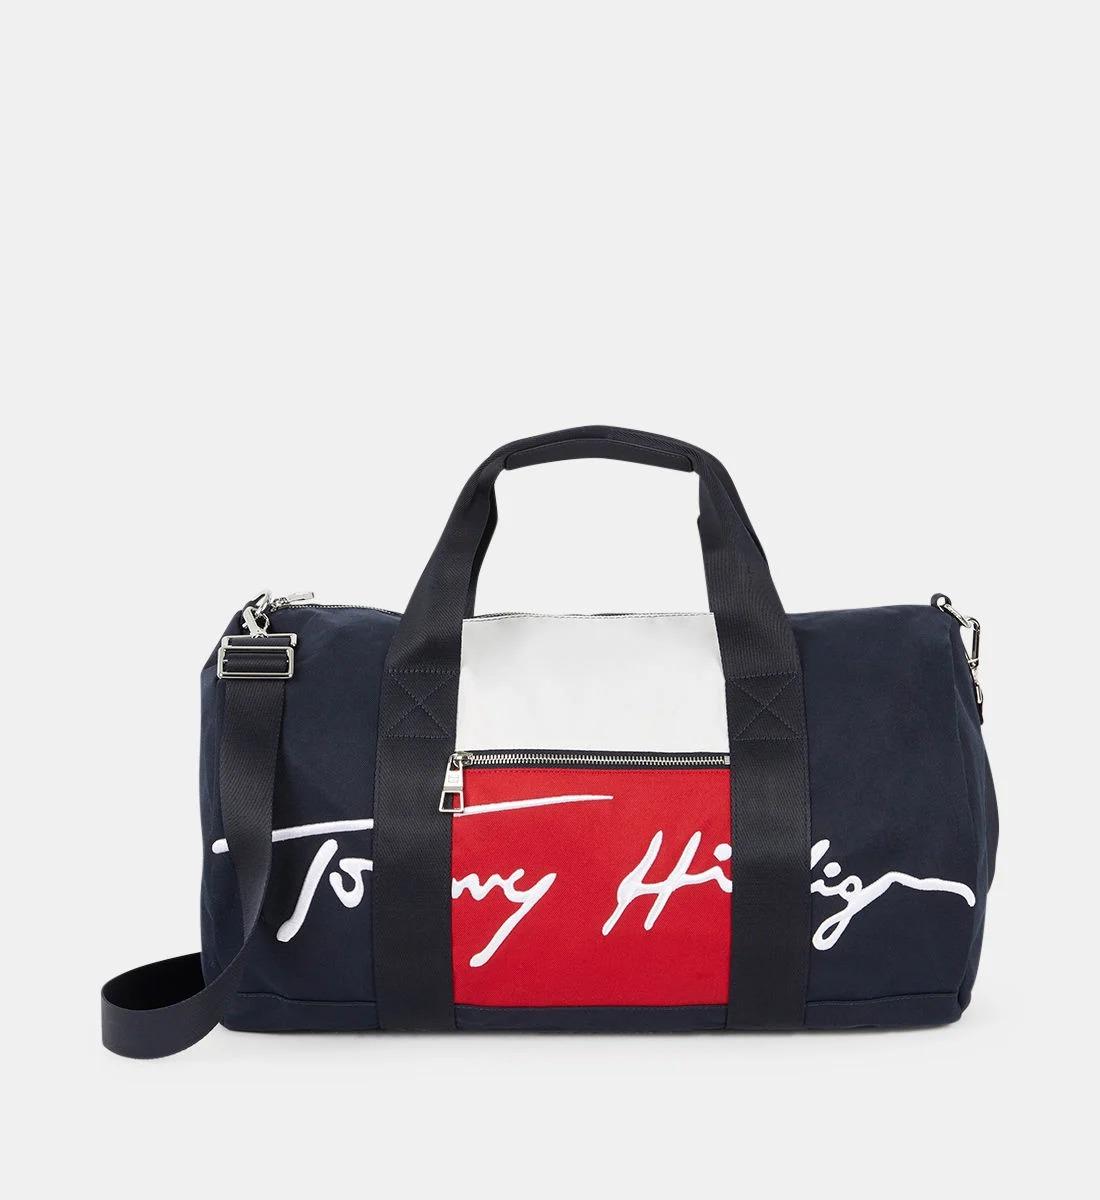 Sac de voyage format bowling à gros logo, en polyester recyclé, Tommy Hilfiger, 84,50€ au lieu de 169€.